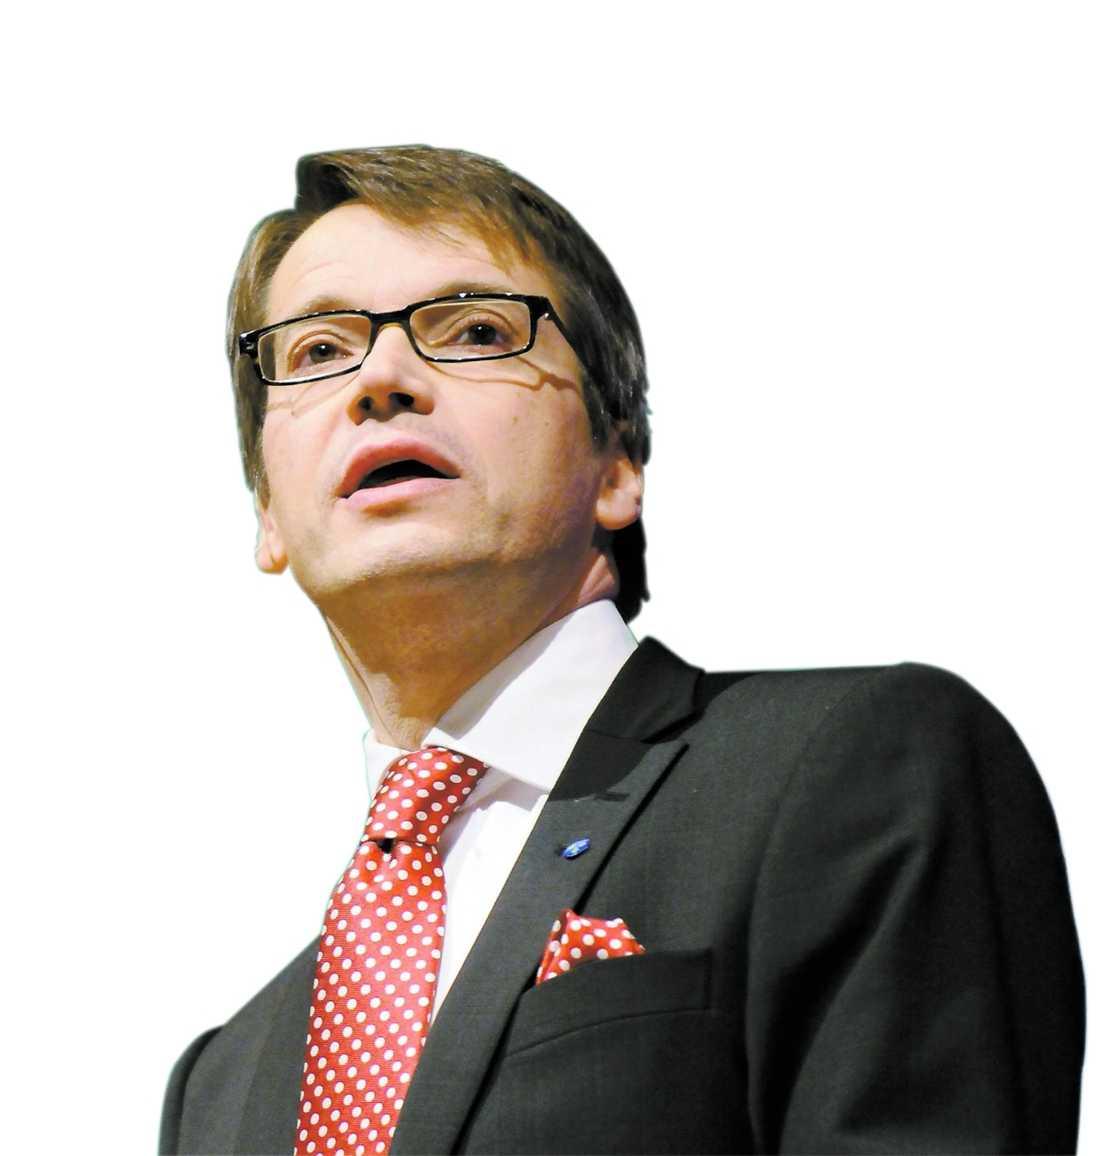 Vill inte Göran Hägglund agerar inte för att skapa nya riktlinjer inom vården. Detta trots att han har stöd av både riksdagen och sjukvården.